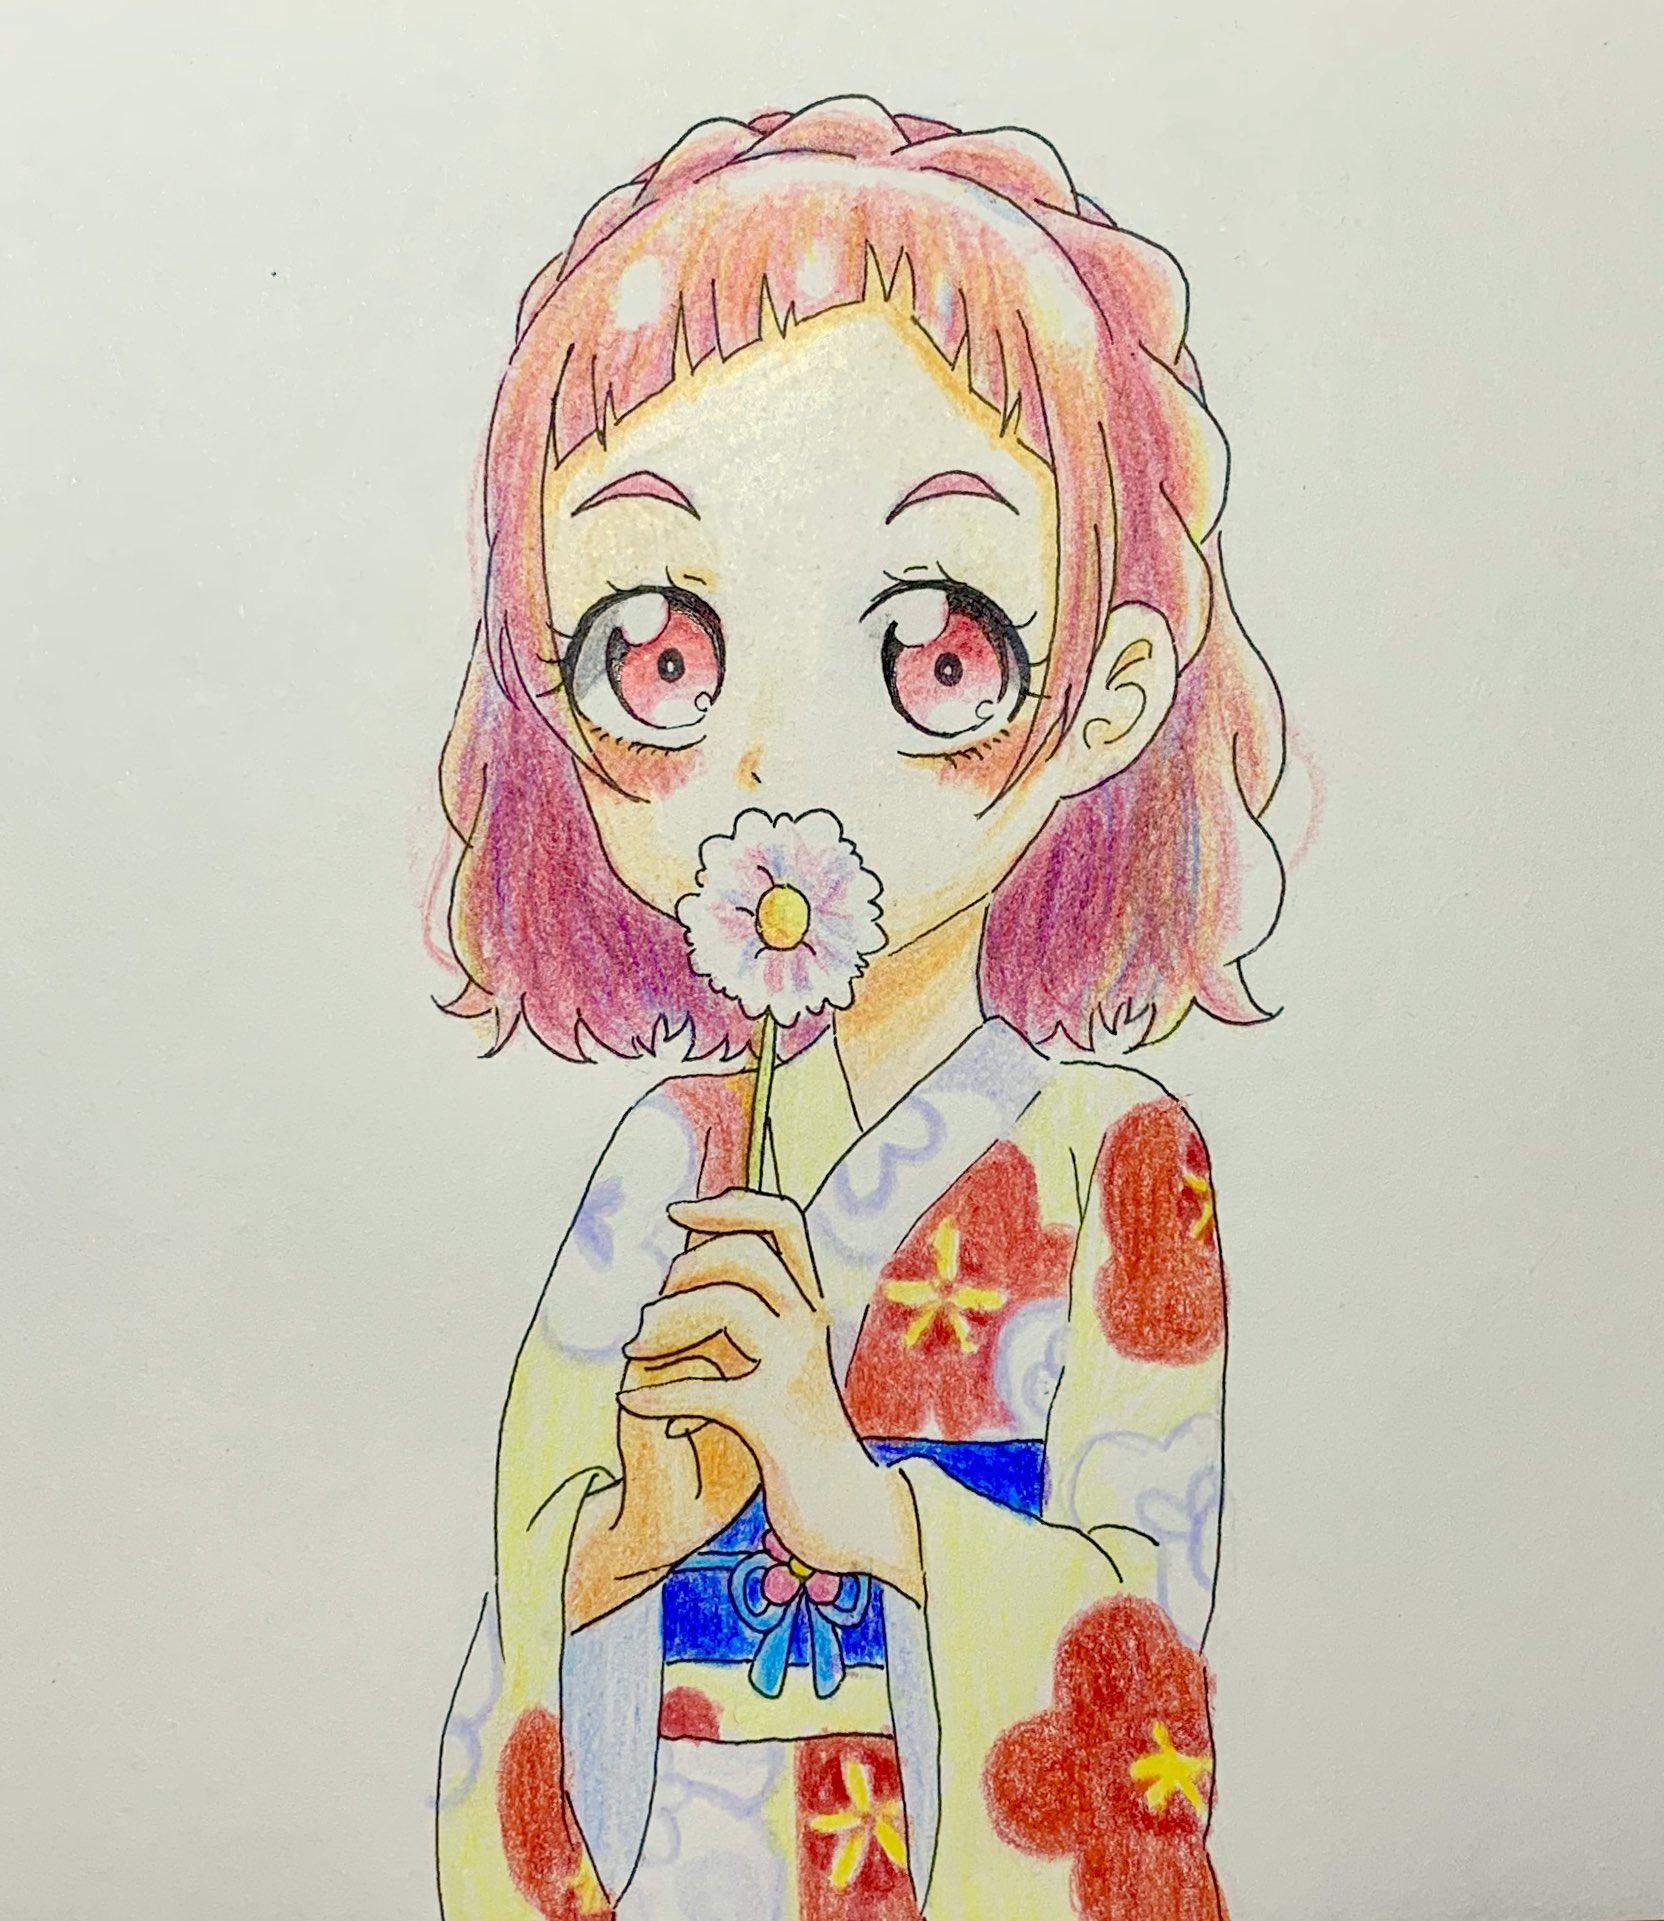 ぷらぬら (@puranura_)さんのイラスト